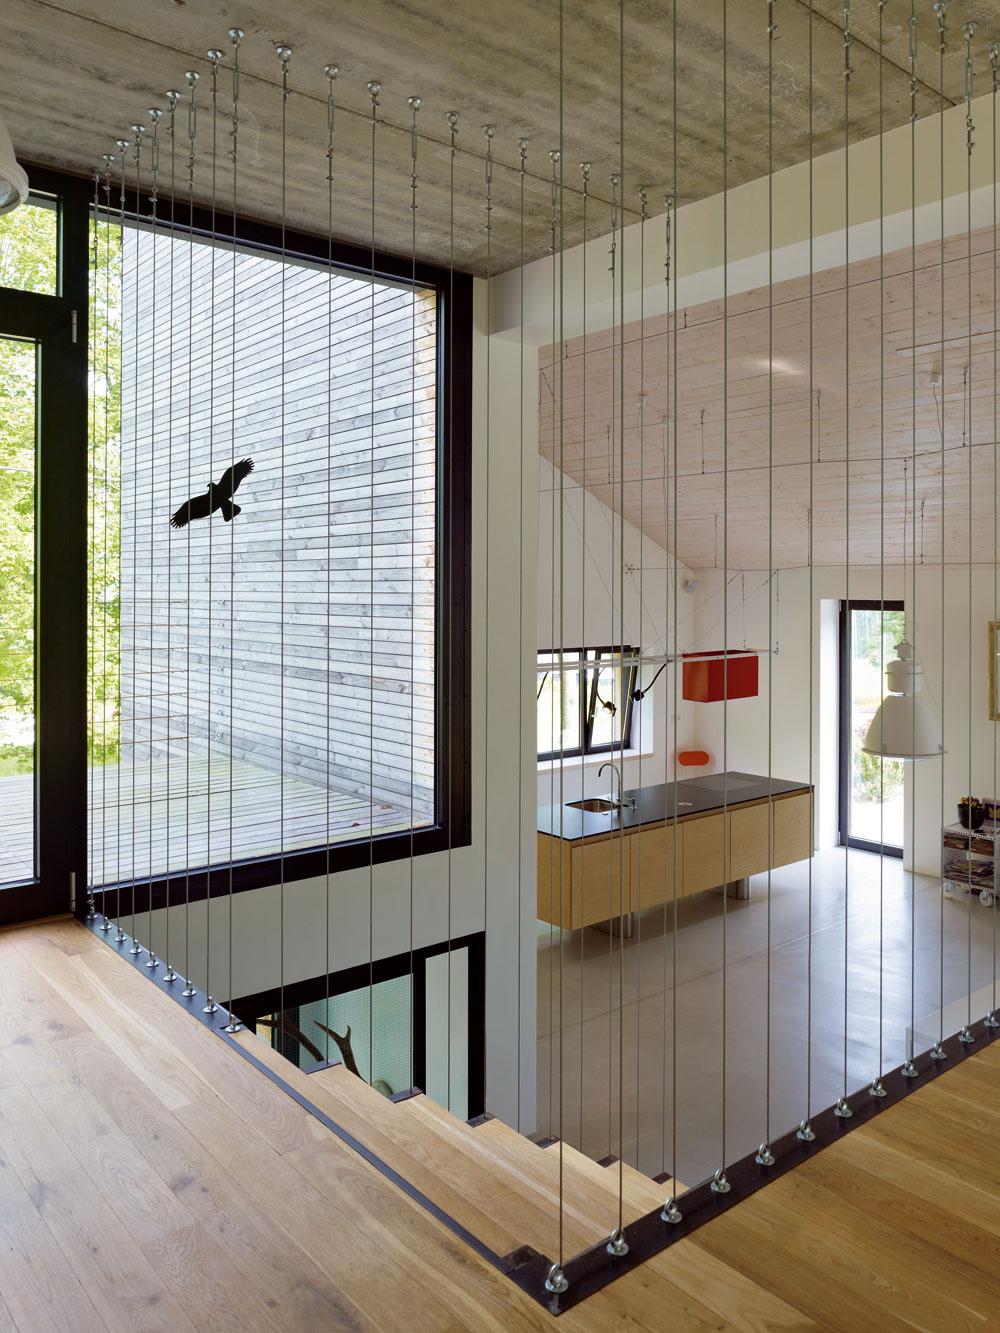 Vzdušný priestor nechceli zabiť masívnym zábradlím. Betónový strop je terčom kritiky mamy – architektky, ale domáci naň nedajú dopustiť. Páči sa im, ako si rozumie sdrevenými akovovými doplnkami.